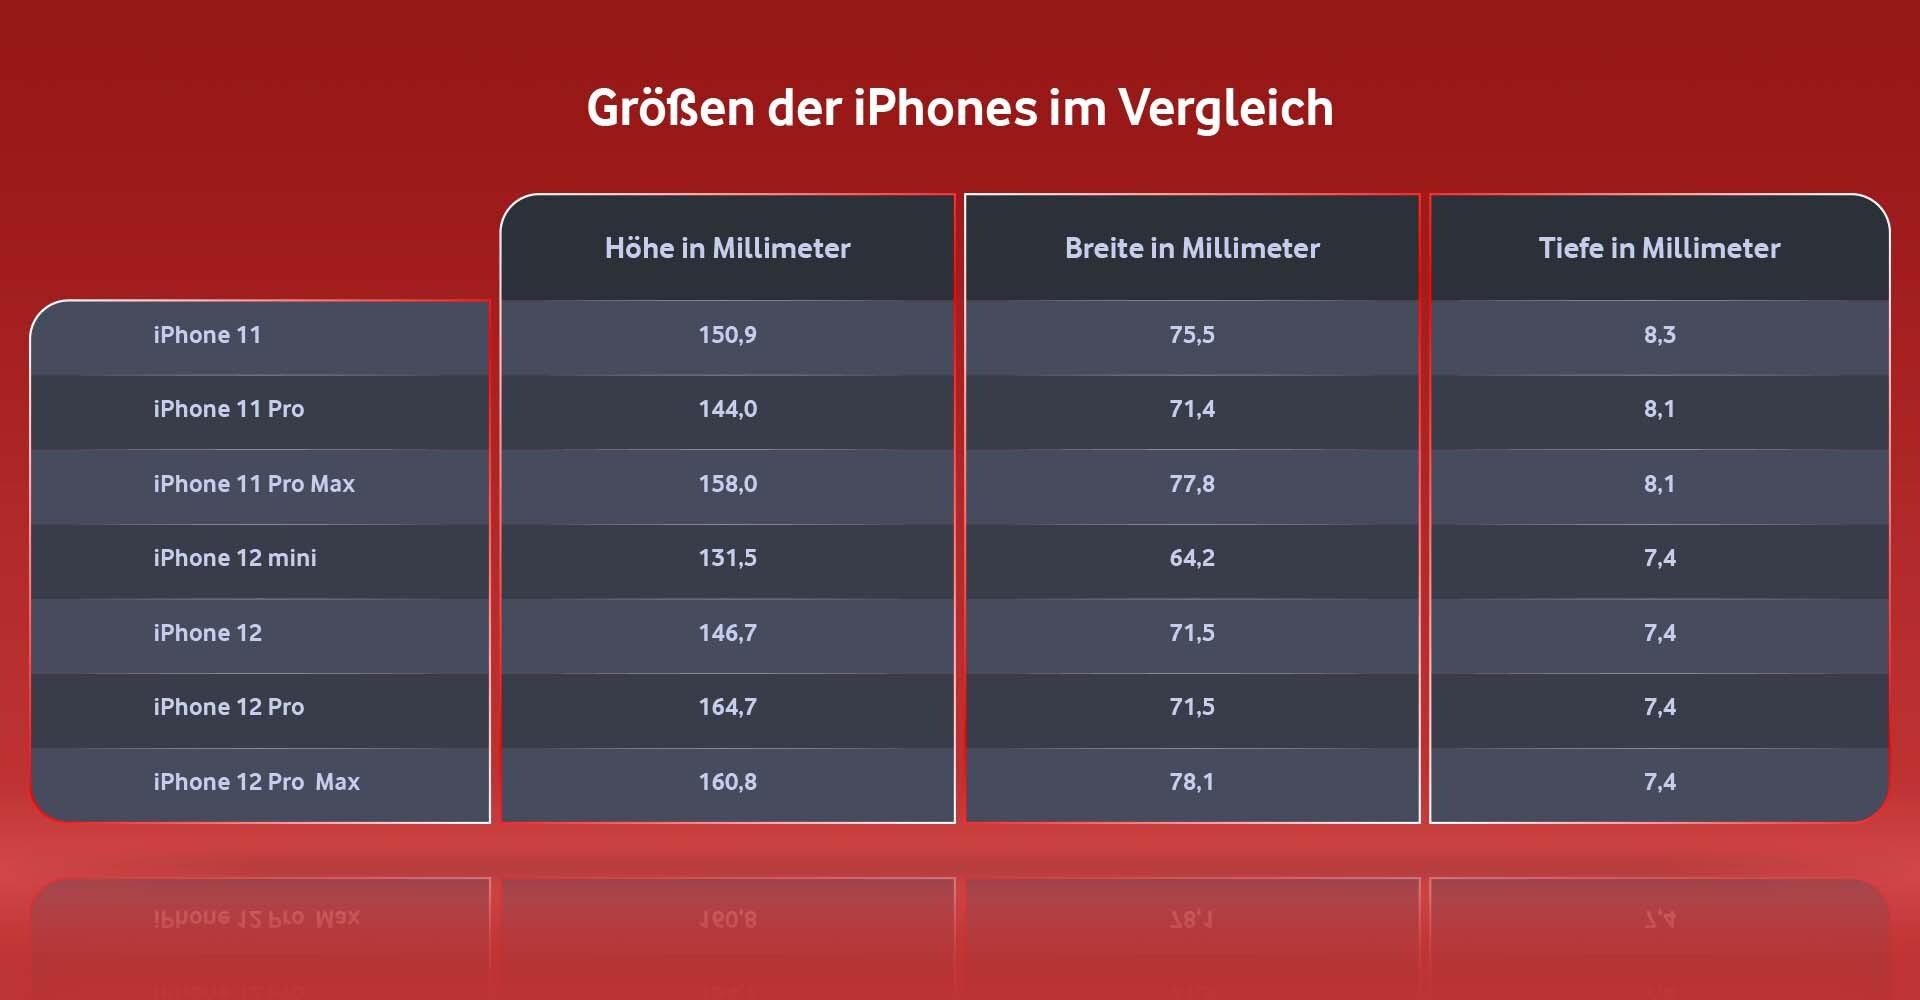 Größen iPhone 11 und iPhone 12 Modelle